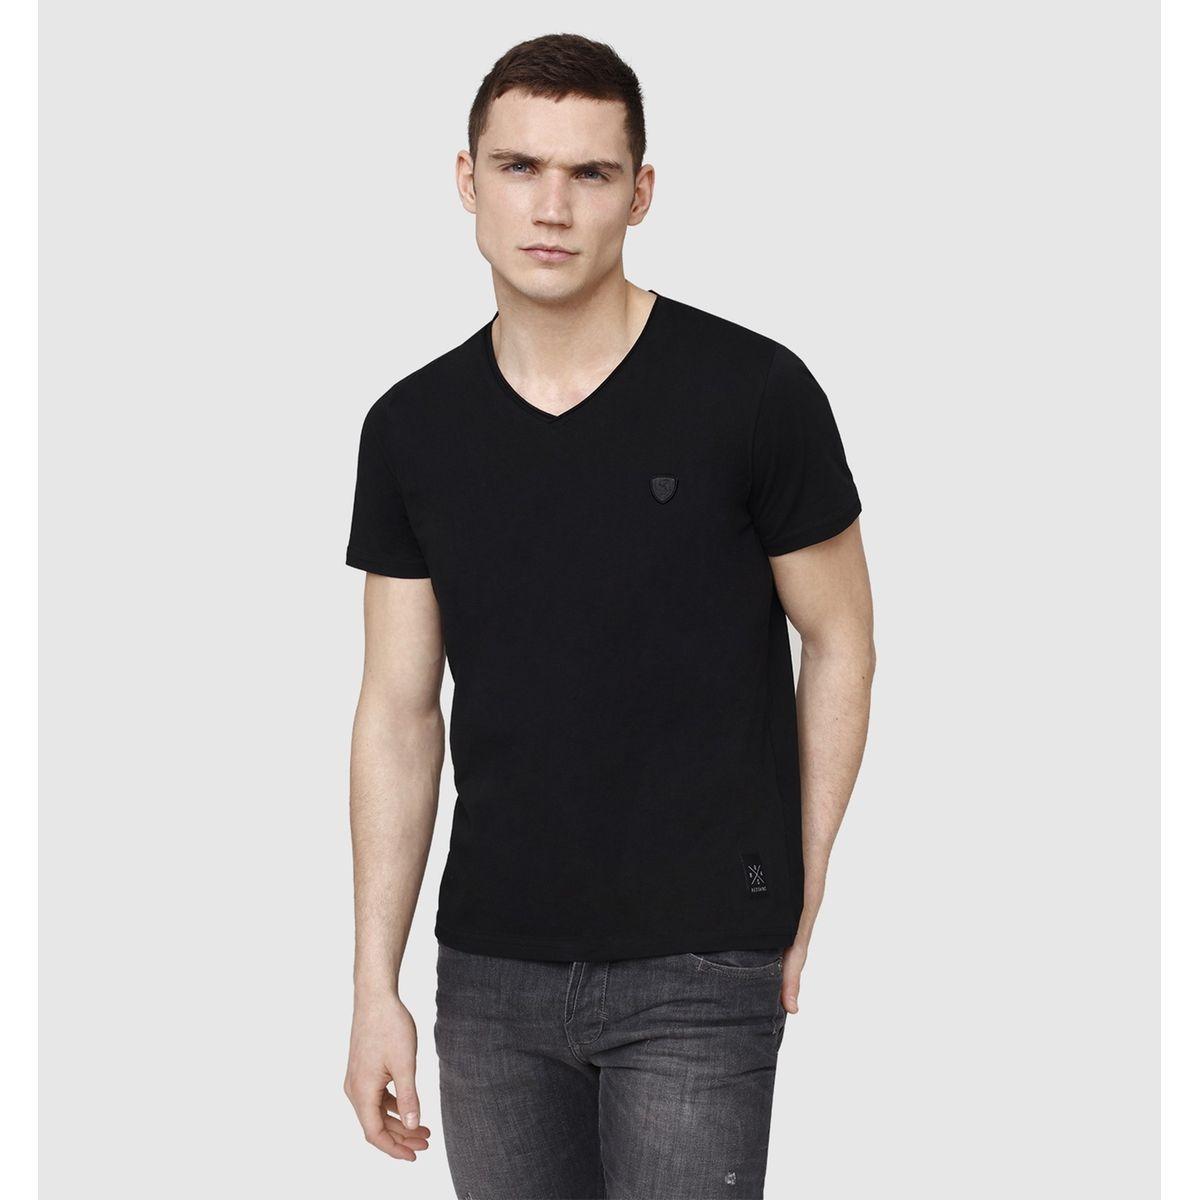 T-shirt MINT ADEN